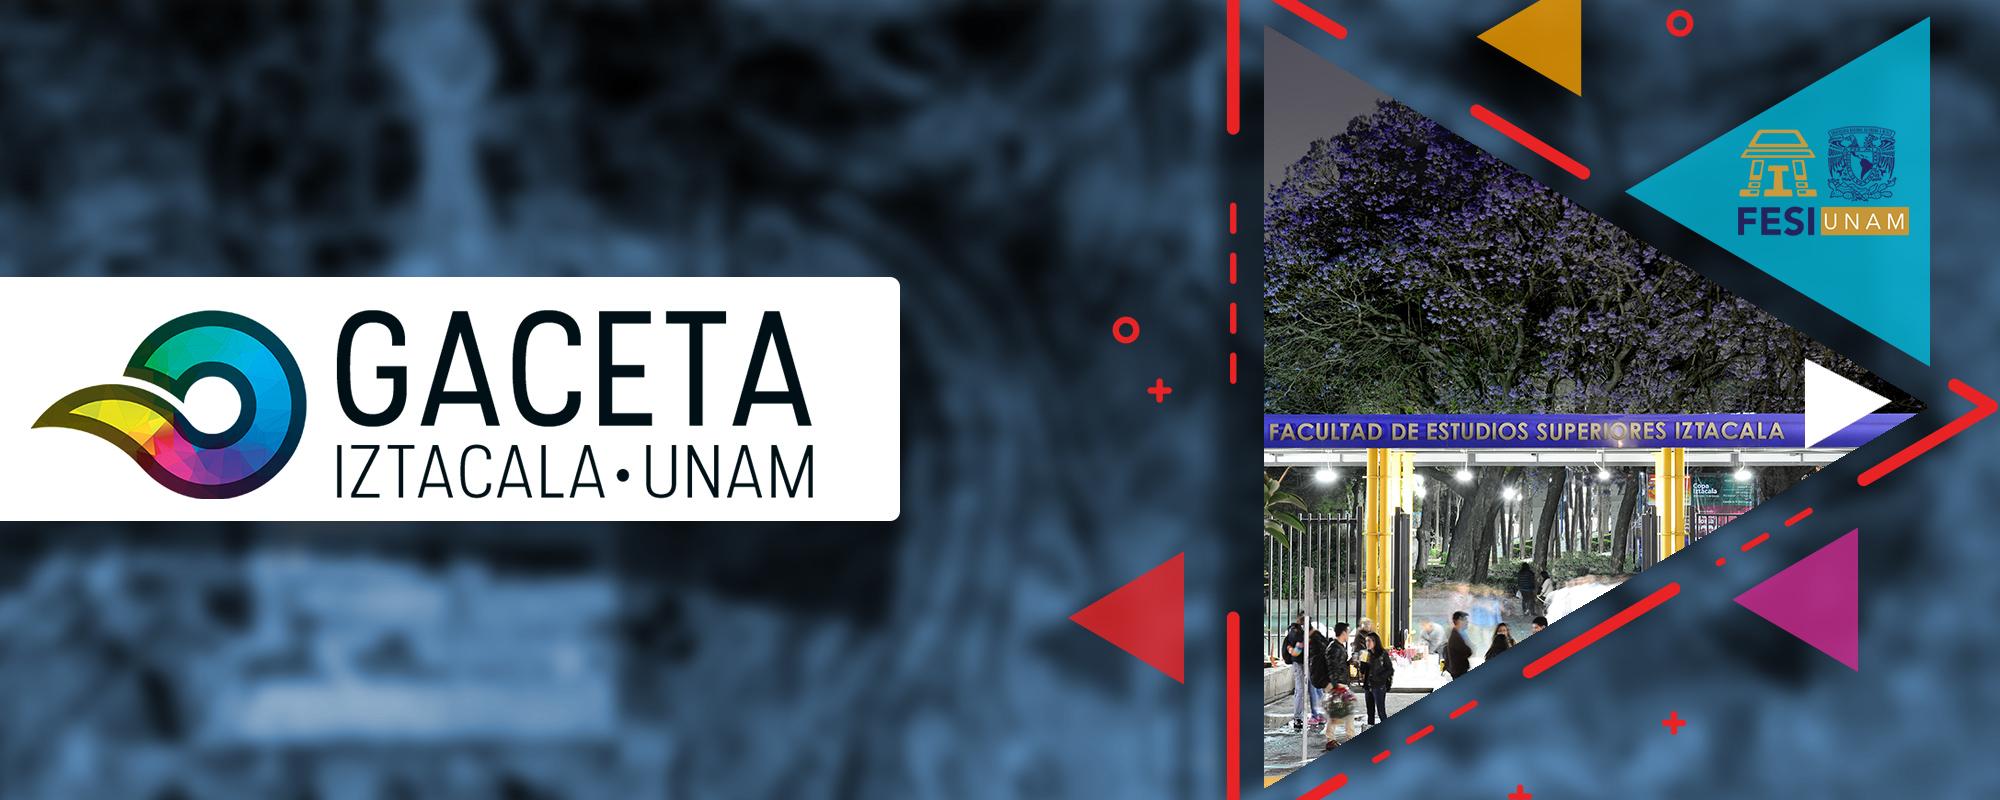 Gaceta Iztacala - Órgano Informativo de la Facultad de Estudios Superiores Iztacala